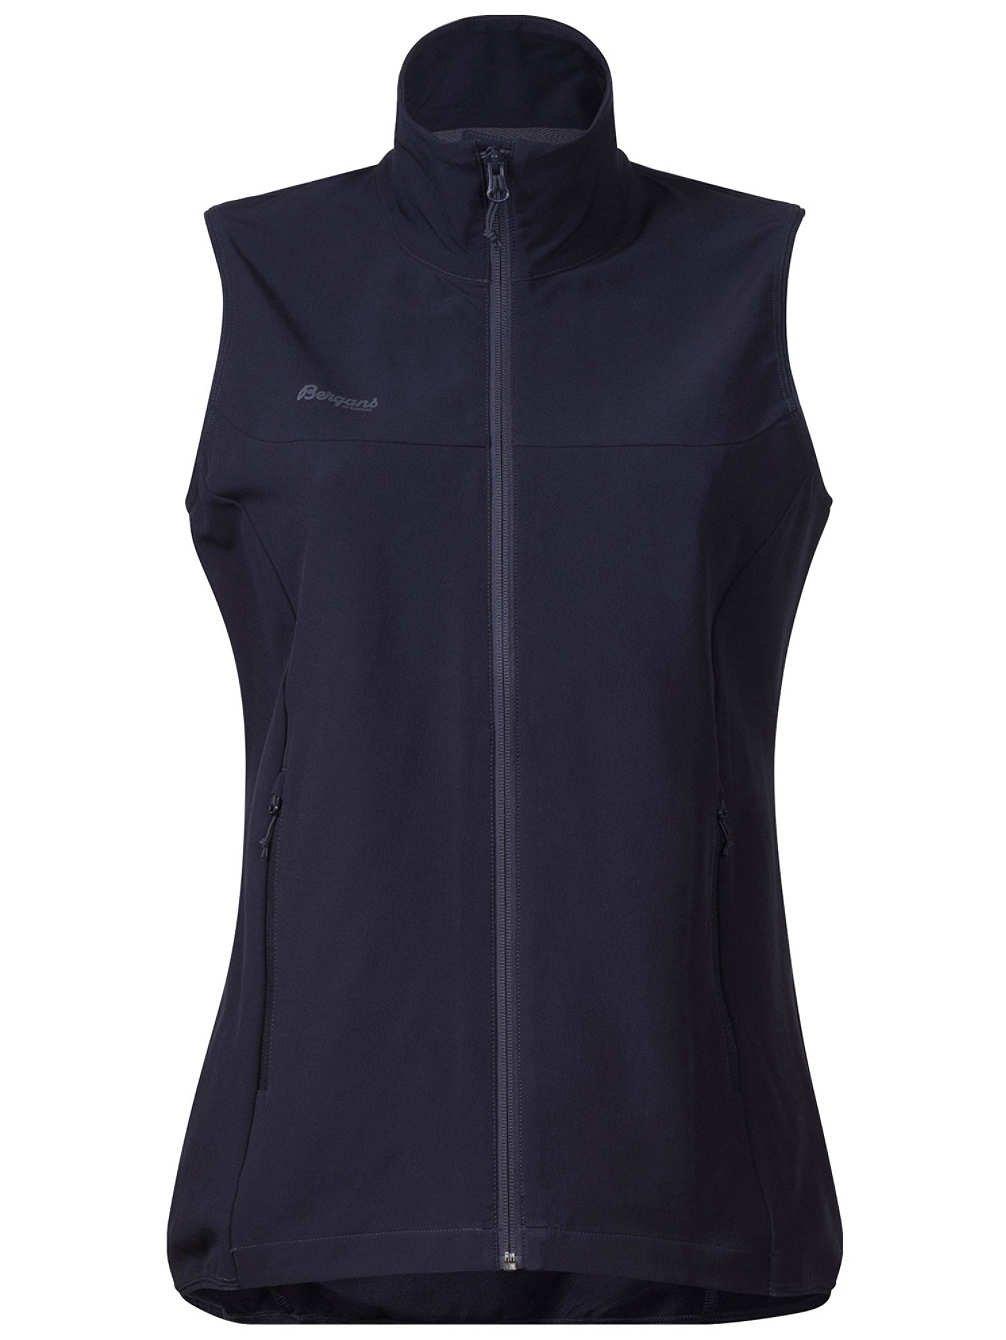 Bergans Ramberg Softshell Vest damen - Softshelljacke für Frauen B07BDFPGVR Bekleidung Niedrige Kosten